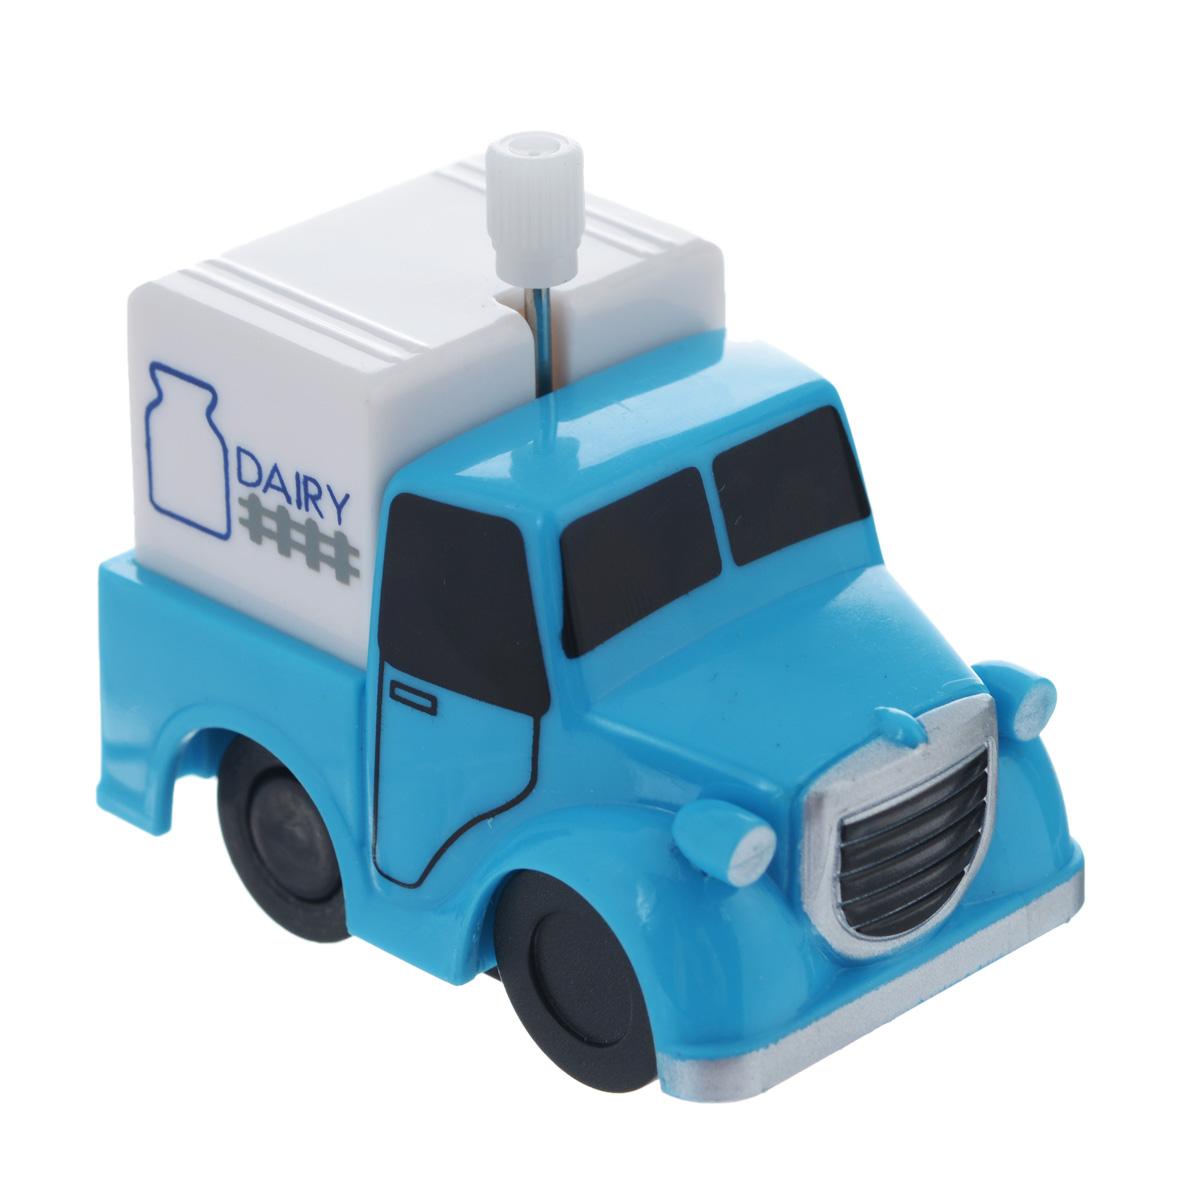 Игрушка заводная Грузовичок Dairy2K-012BD_ DairyИгрушка Hans Грузовичок Dairy привлечет внимание вашего малыша и не позволит ему скучать! Выполненная из безопасного пластика, игрушка представляет собой грузовичок. Игрушка имеет механический завод. Для запуска, придерживая колеса, поверните заводной ключ по часовой стрелке до упора. Установите игрушку на поверхность и она поедет вперед. Заводная игрушка Hans Грузовичок Dairy поможет ребенку в развитии воображения, мелкой моторики рук, концентрации внимания и цветового восприятия.